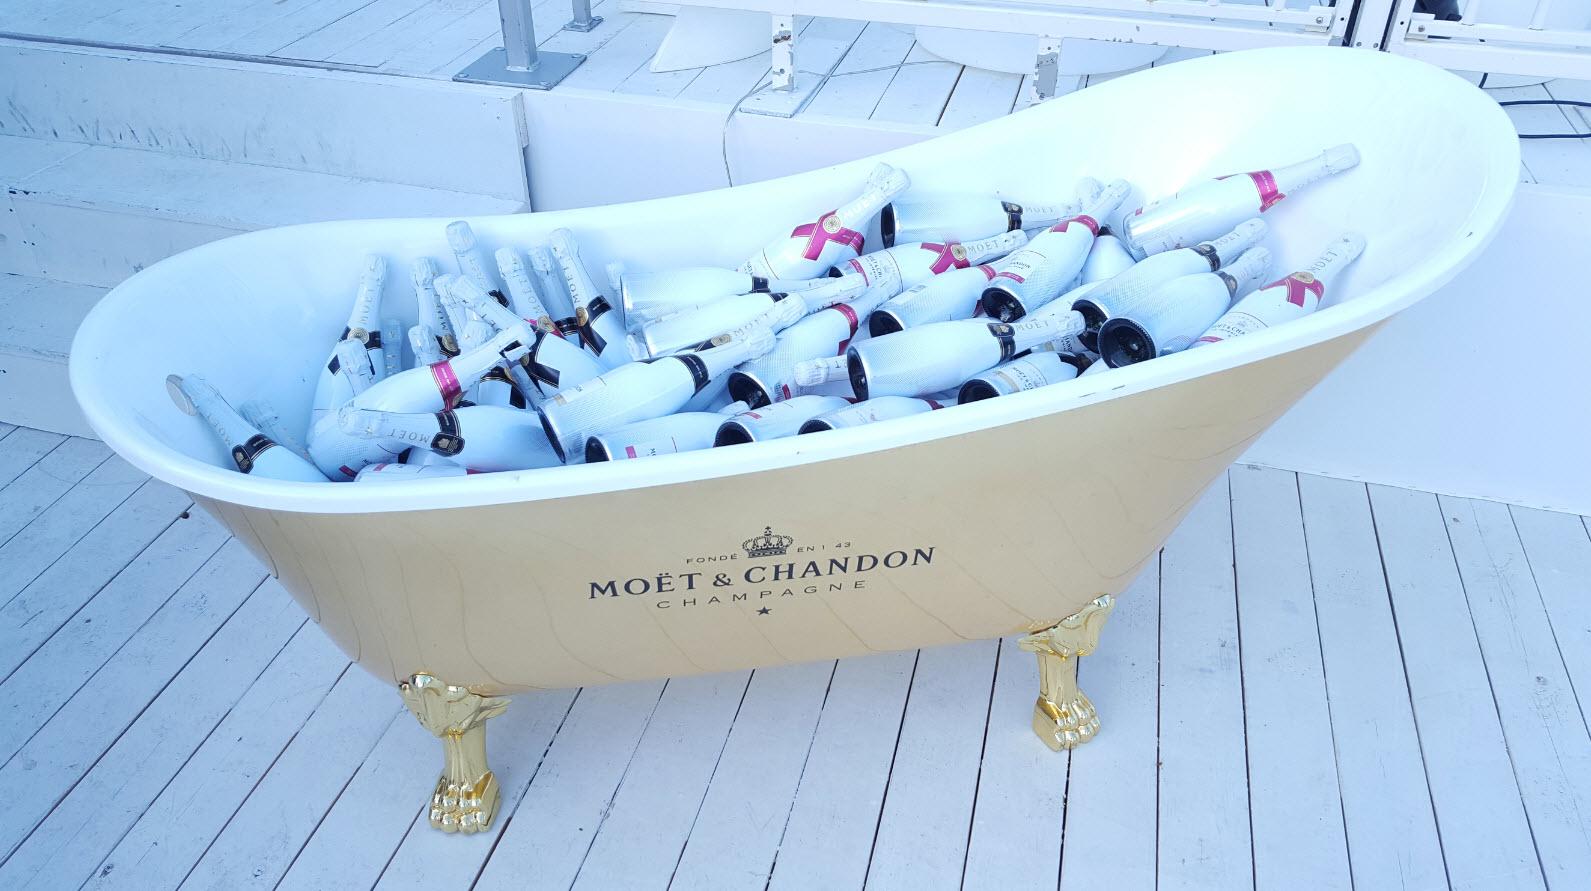 Piscine de Champagne version baignoire